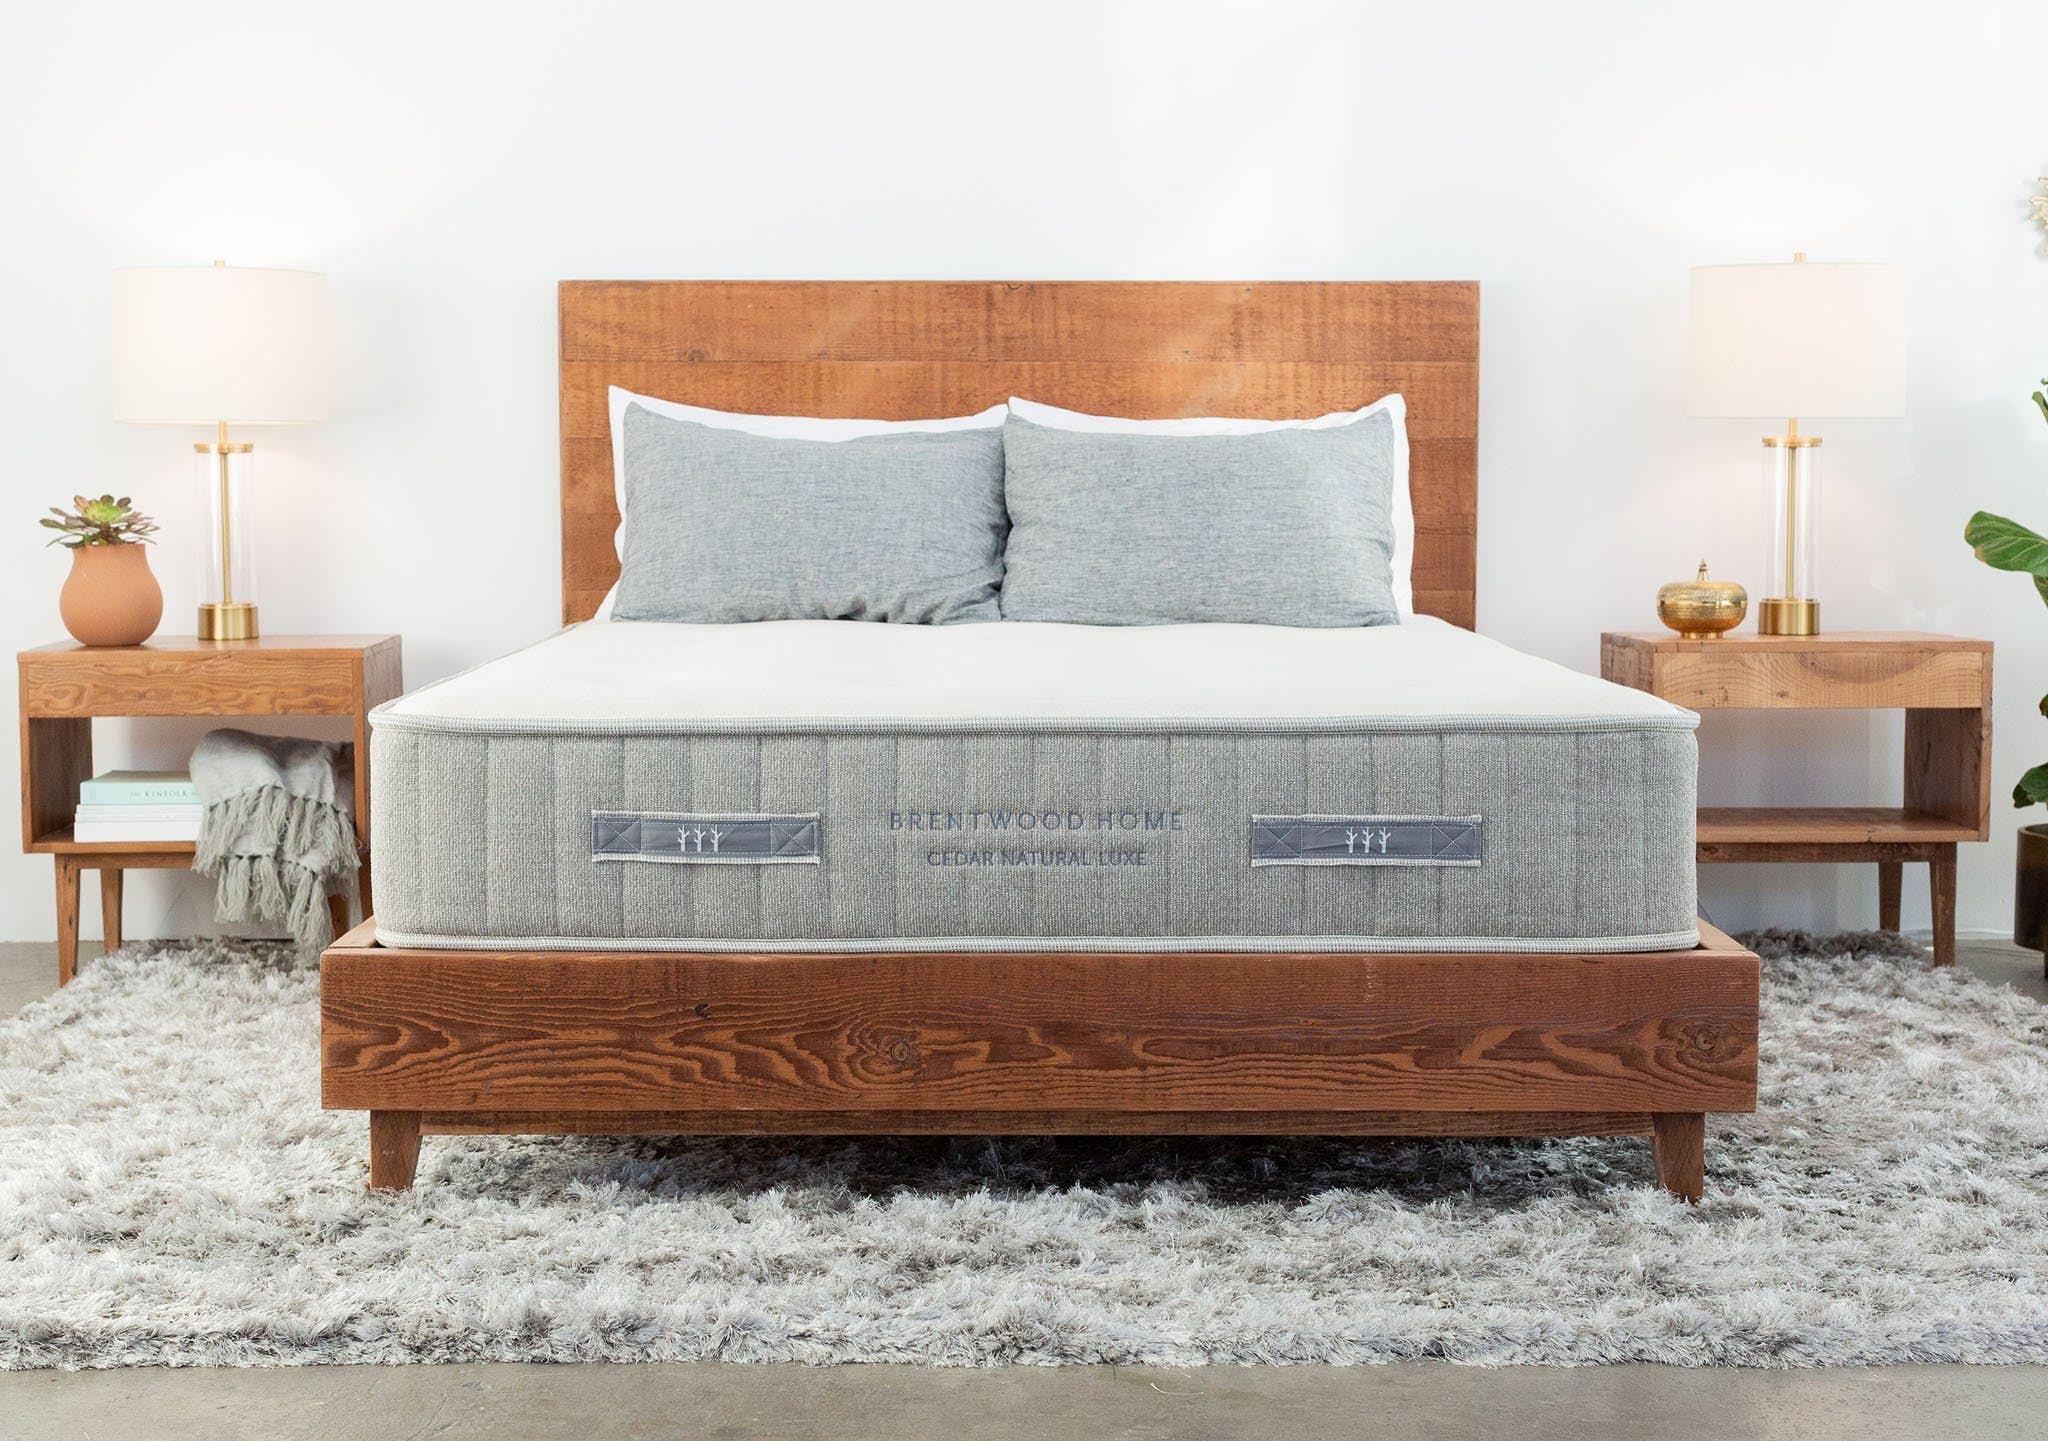 cedarluxe 0001 Brentwood Home Cedar Mattress web 216